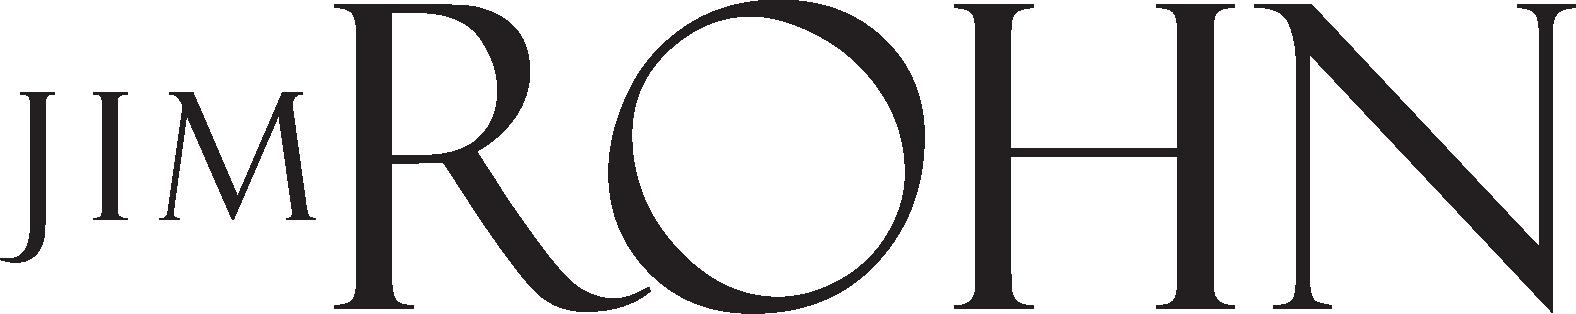 jimrohn-logo-black.png